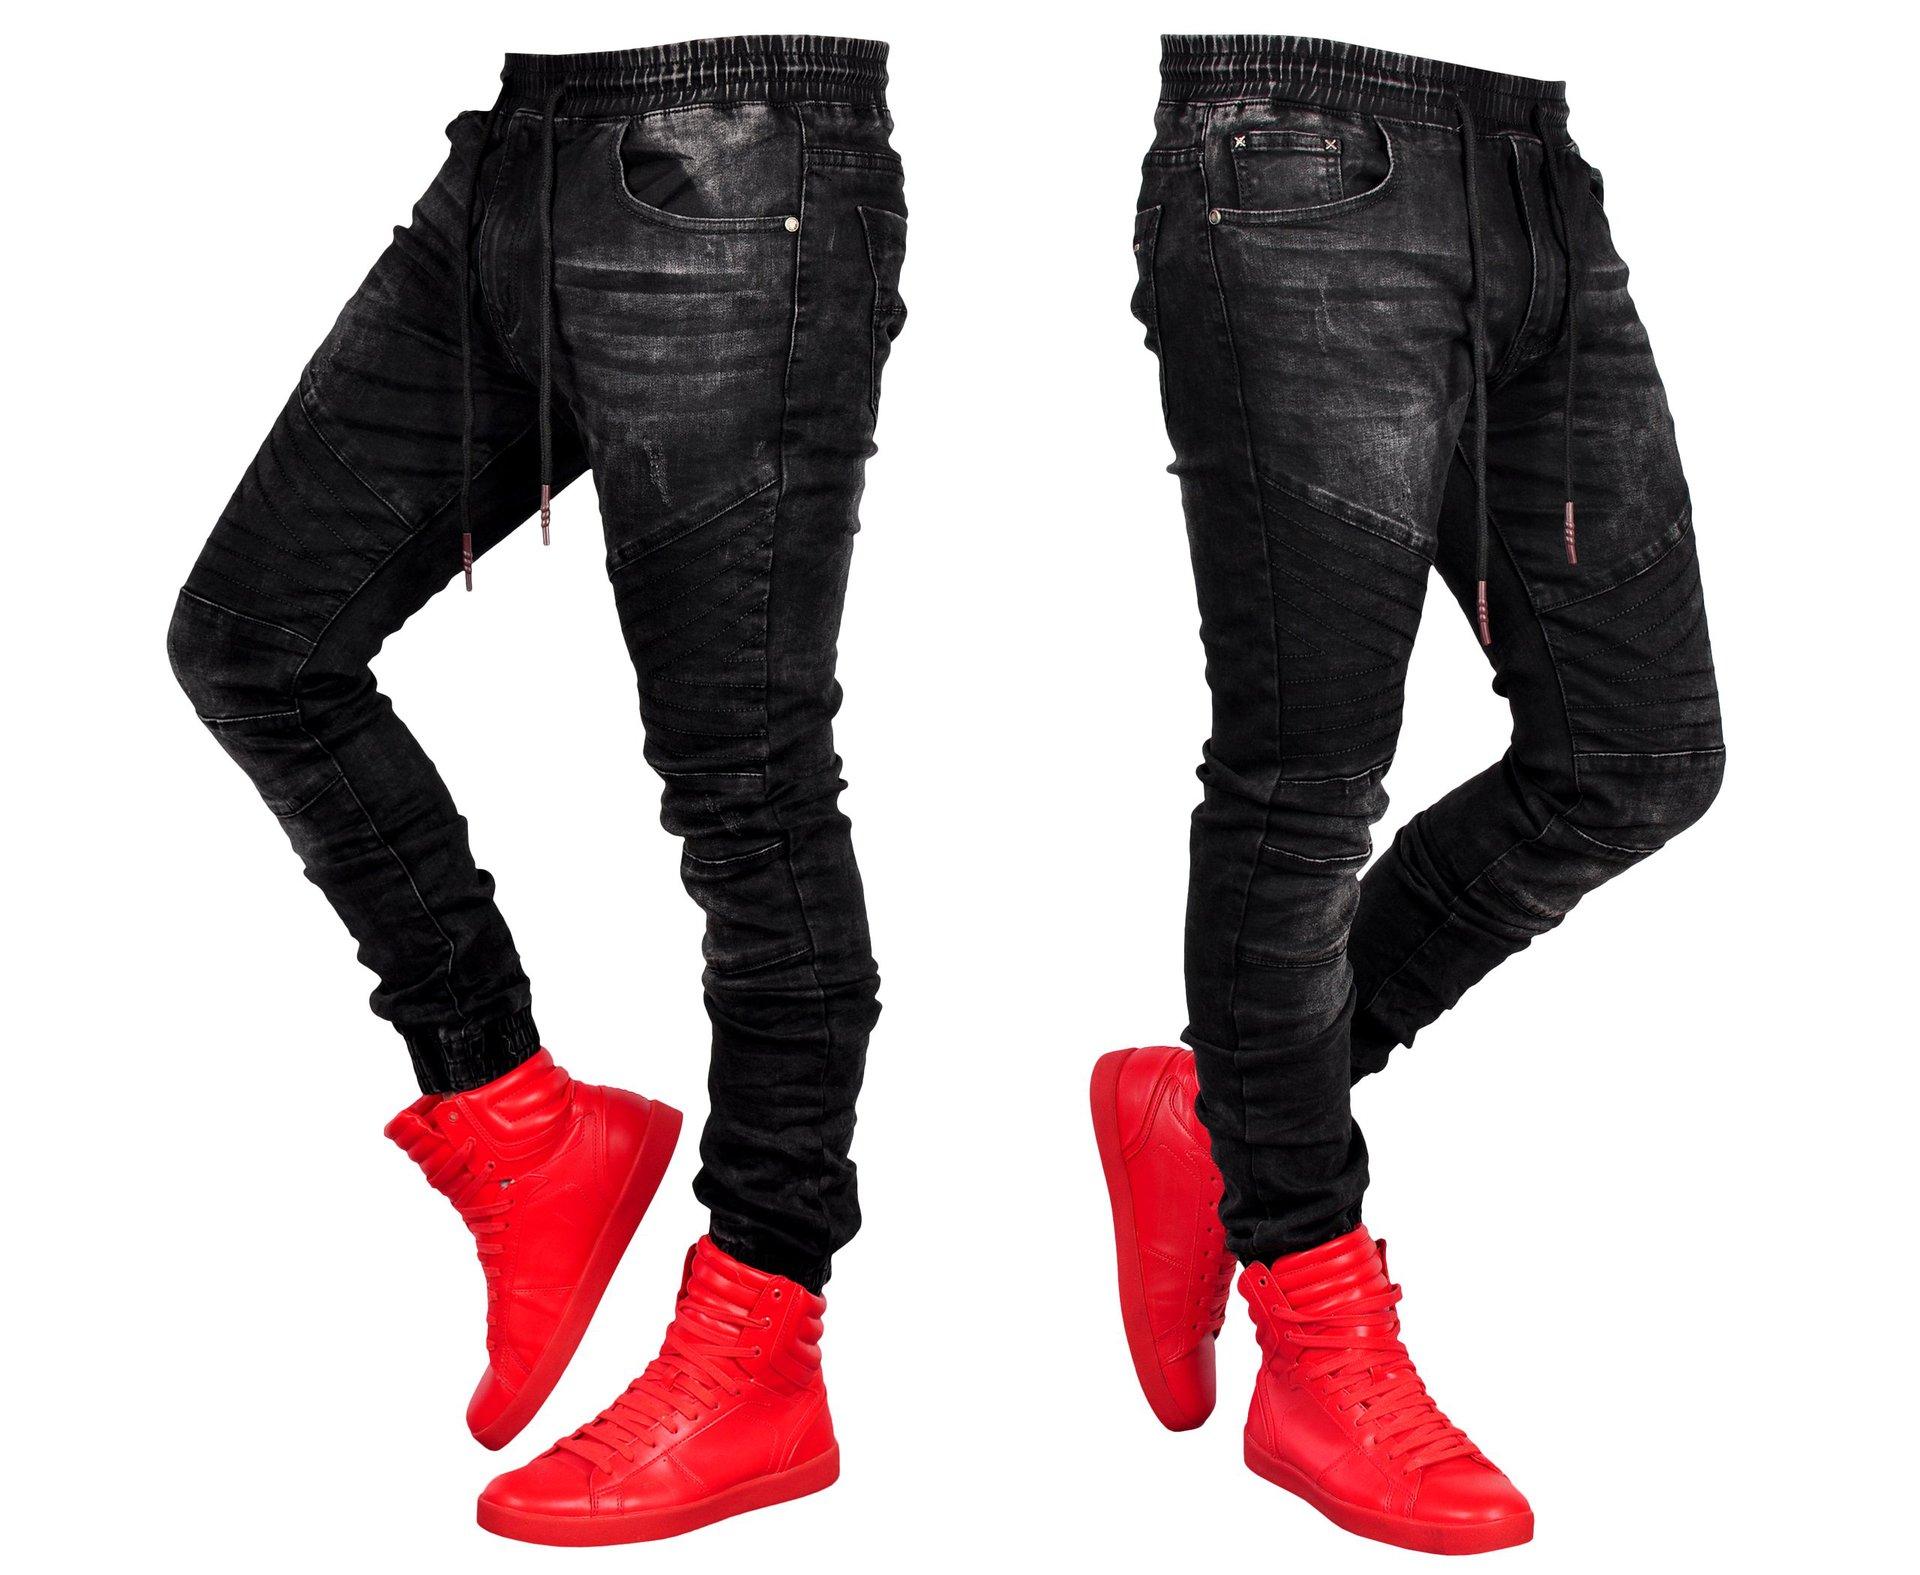 Los Mas Populares En Jeans De Moda Para Hombre List And Get Free Shipping Ih2j2djn